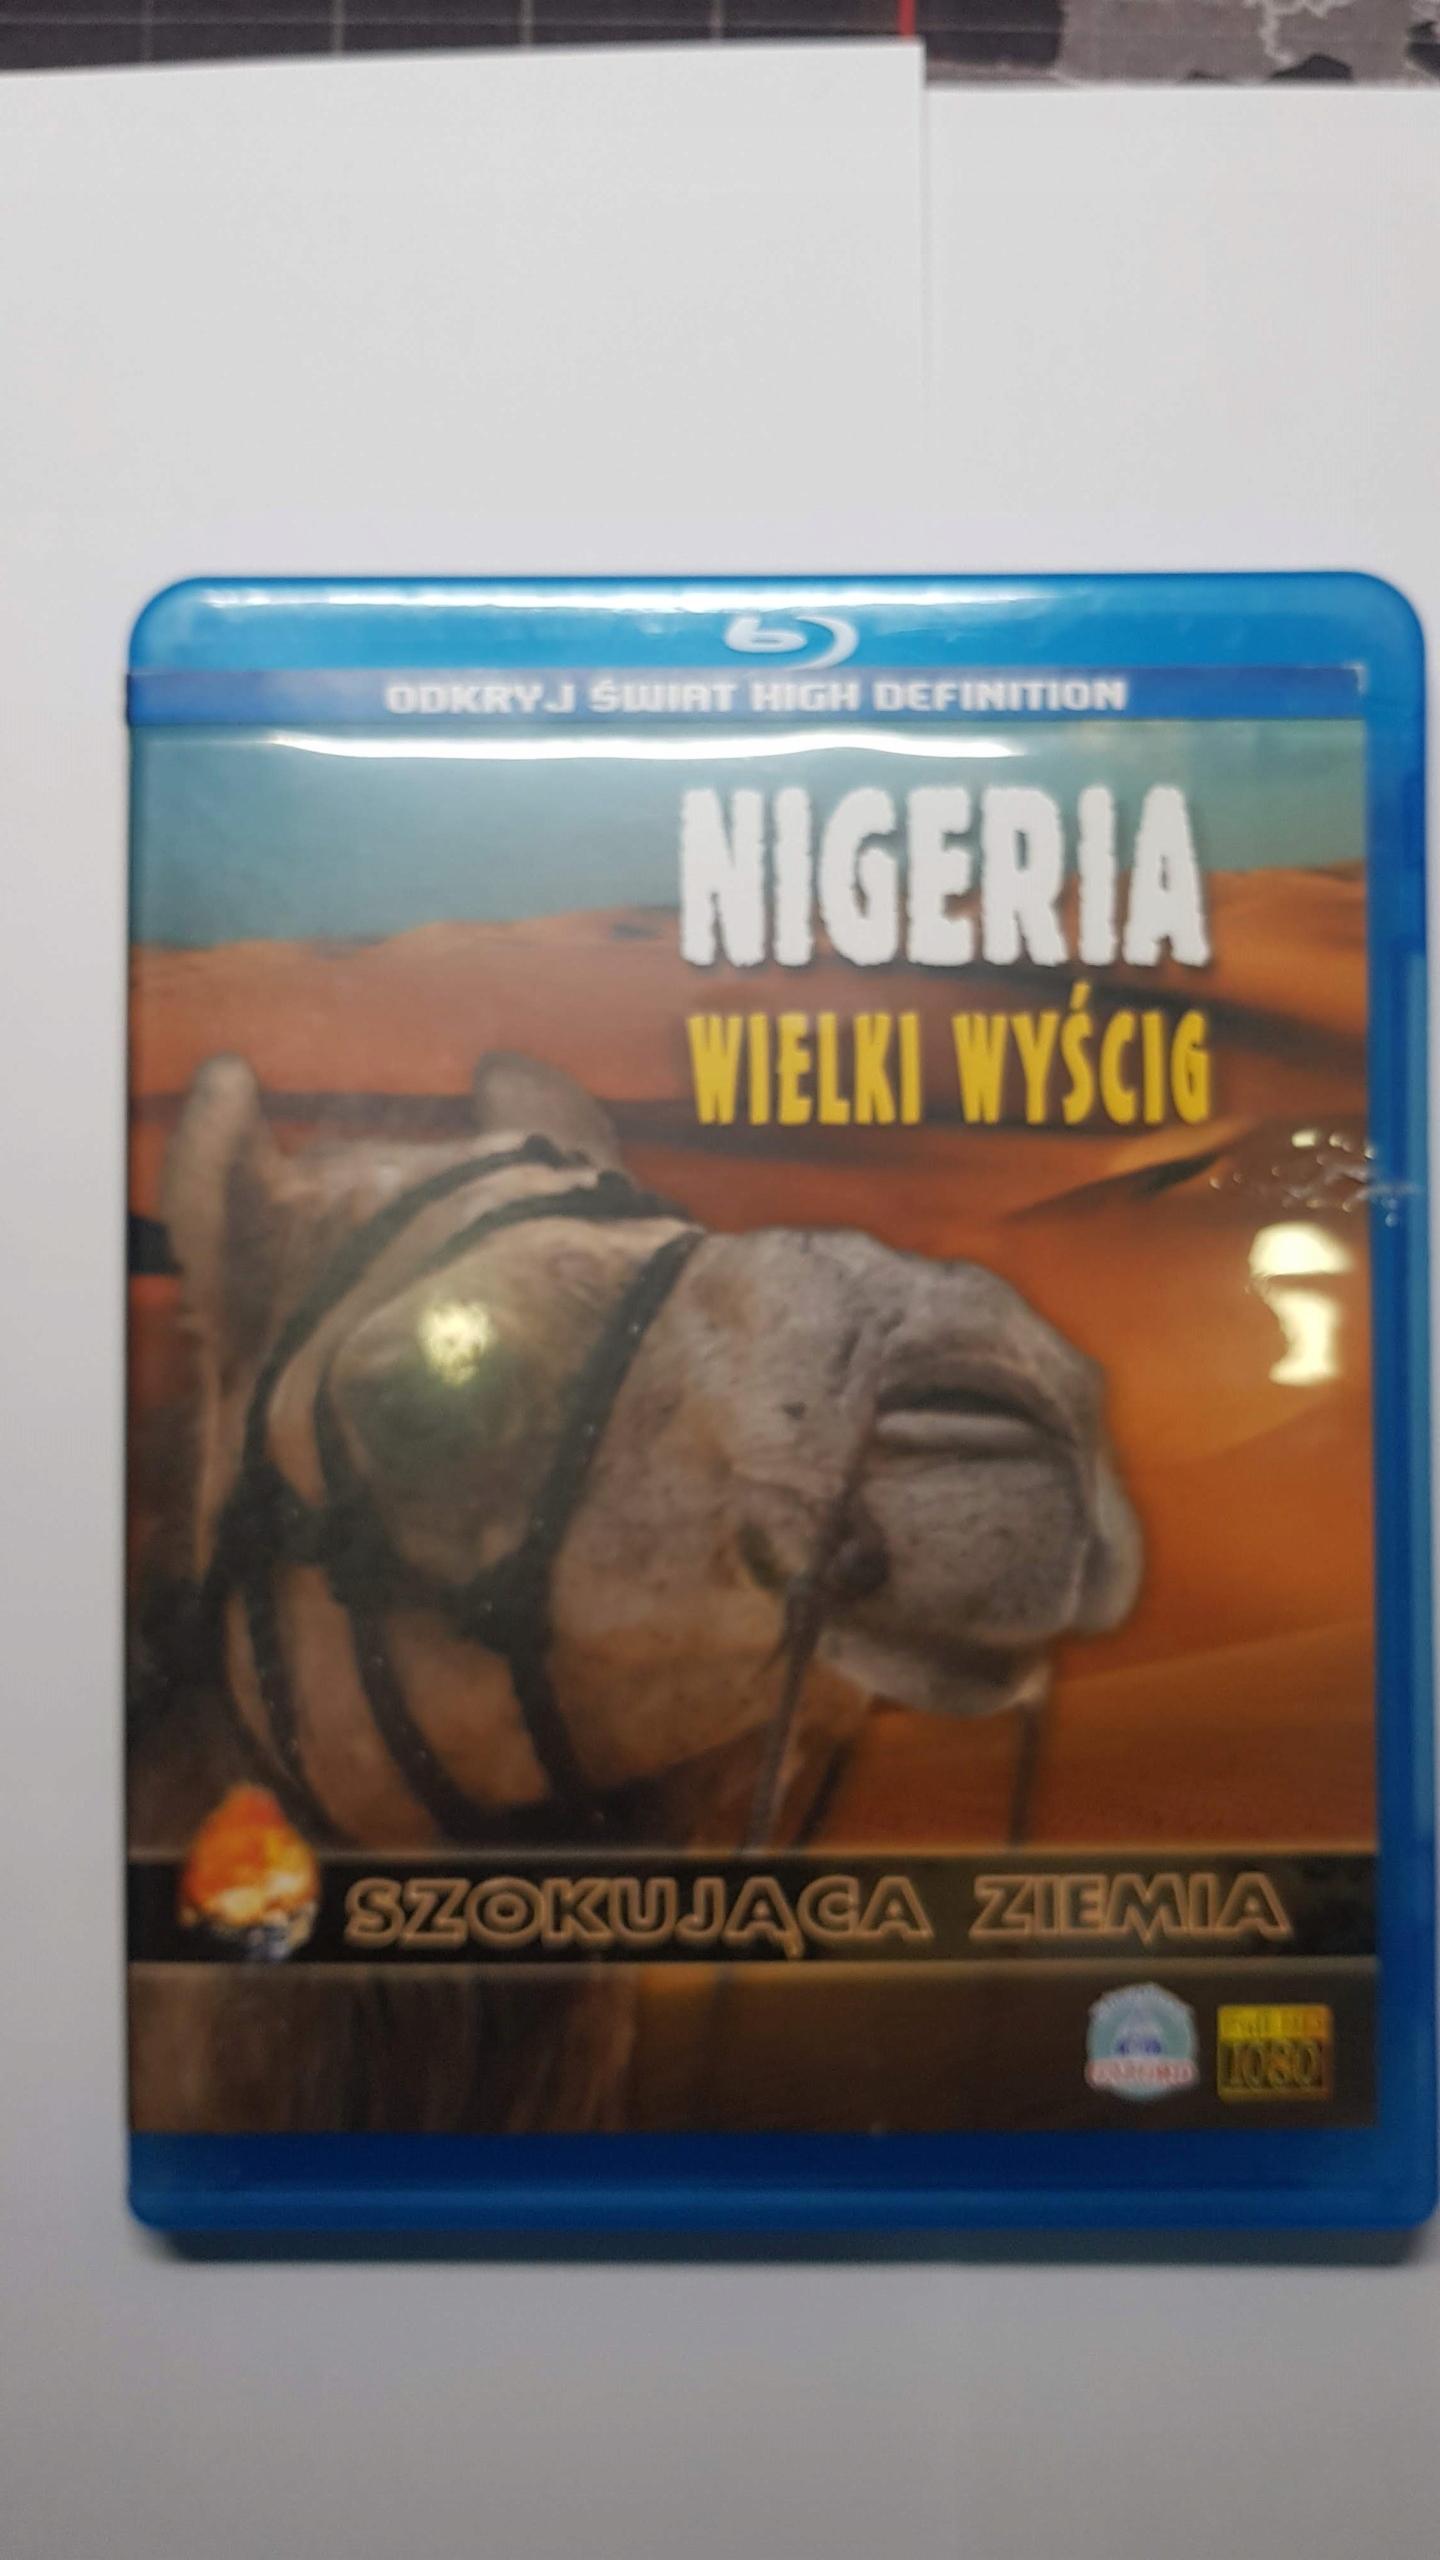 Blu-ray Nigeria. Wielki wyścig